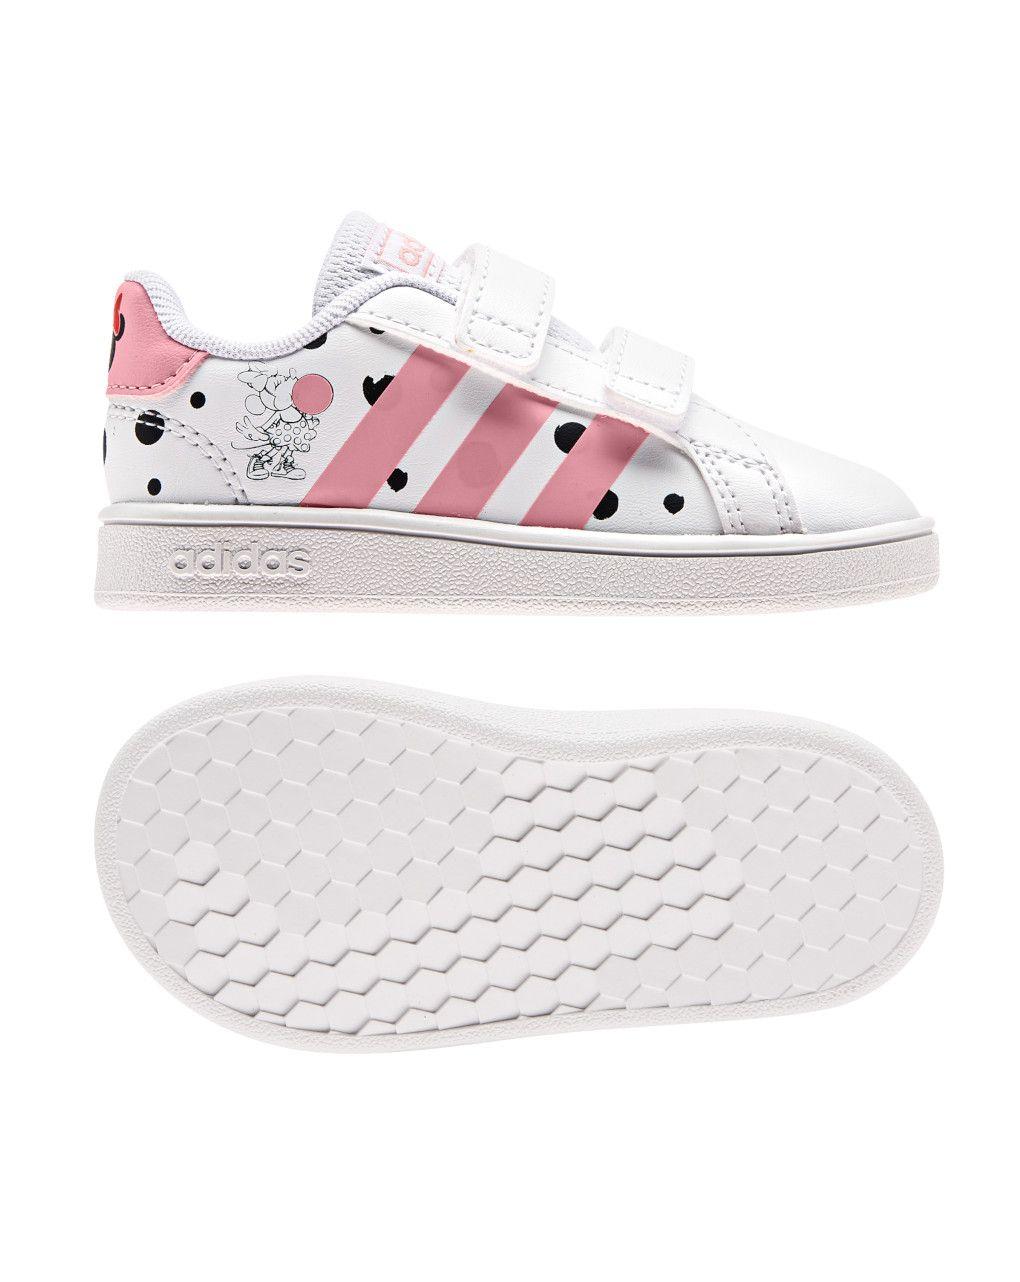 Αθλητικά Παπούτσια Adidas Grand Court I FZ3229 Minnie για Κορίτσι